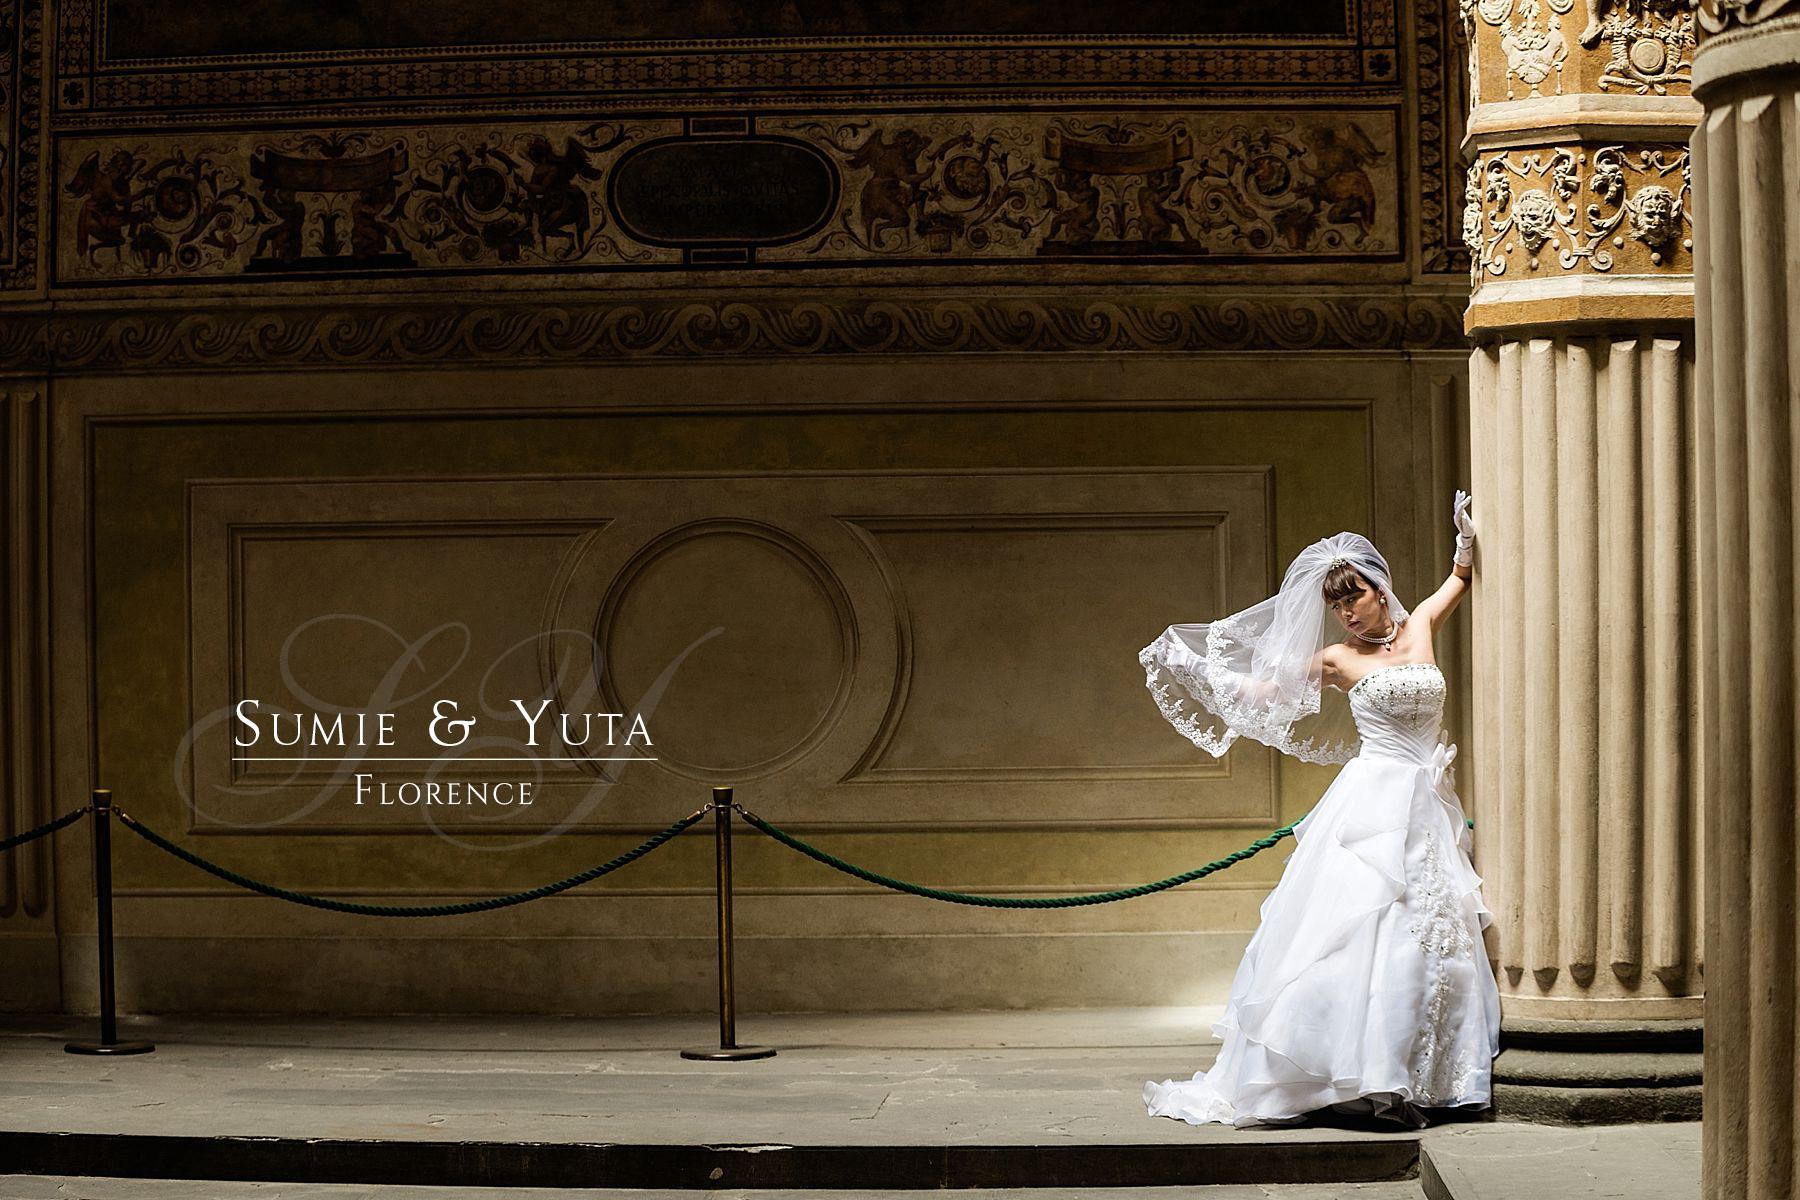 Matrimonio In Firenze : Sumie yuta fotografi professionisti di matrimonio in